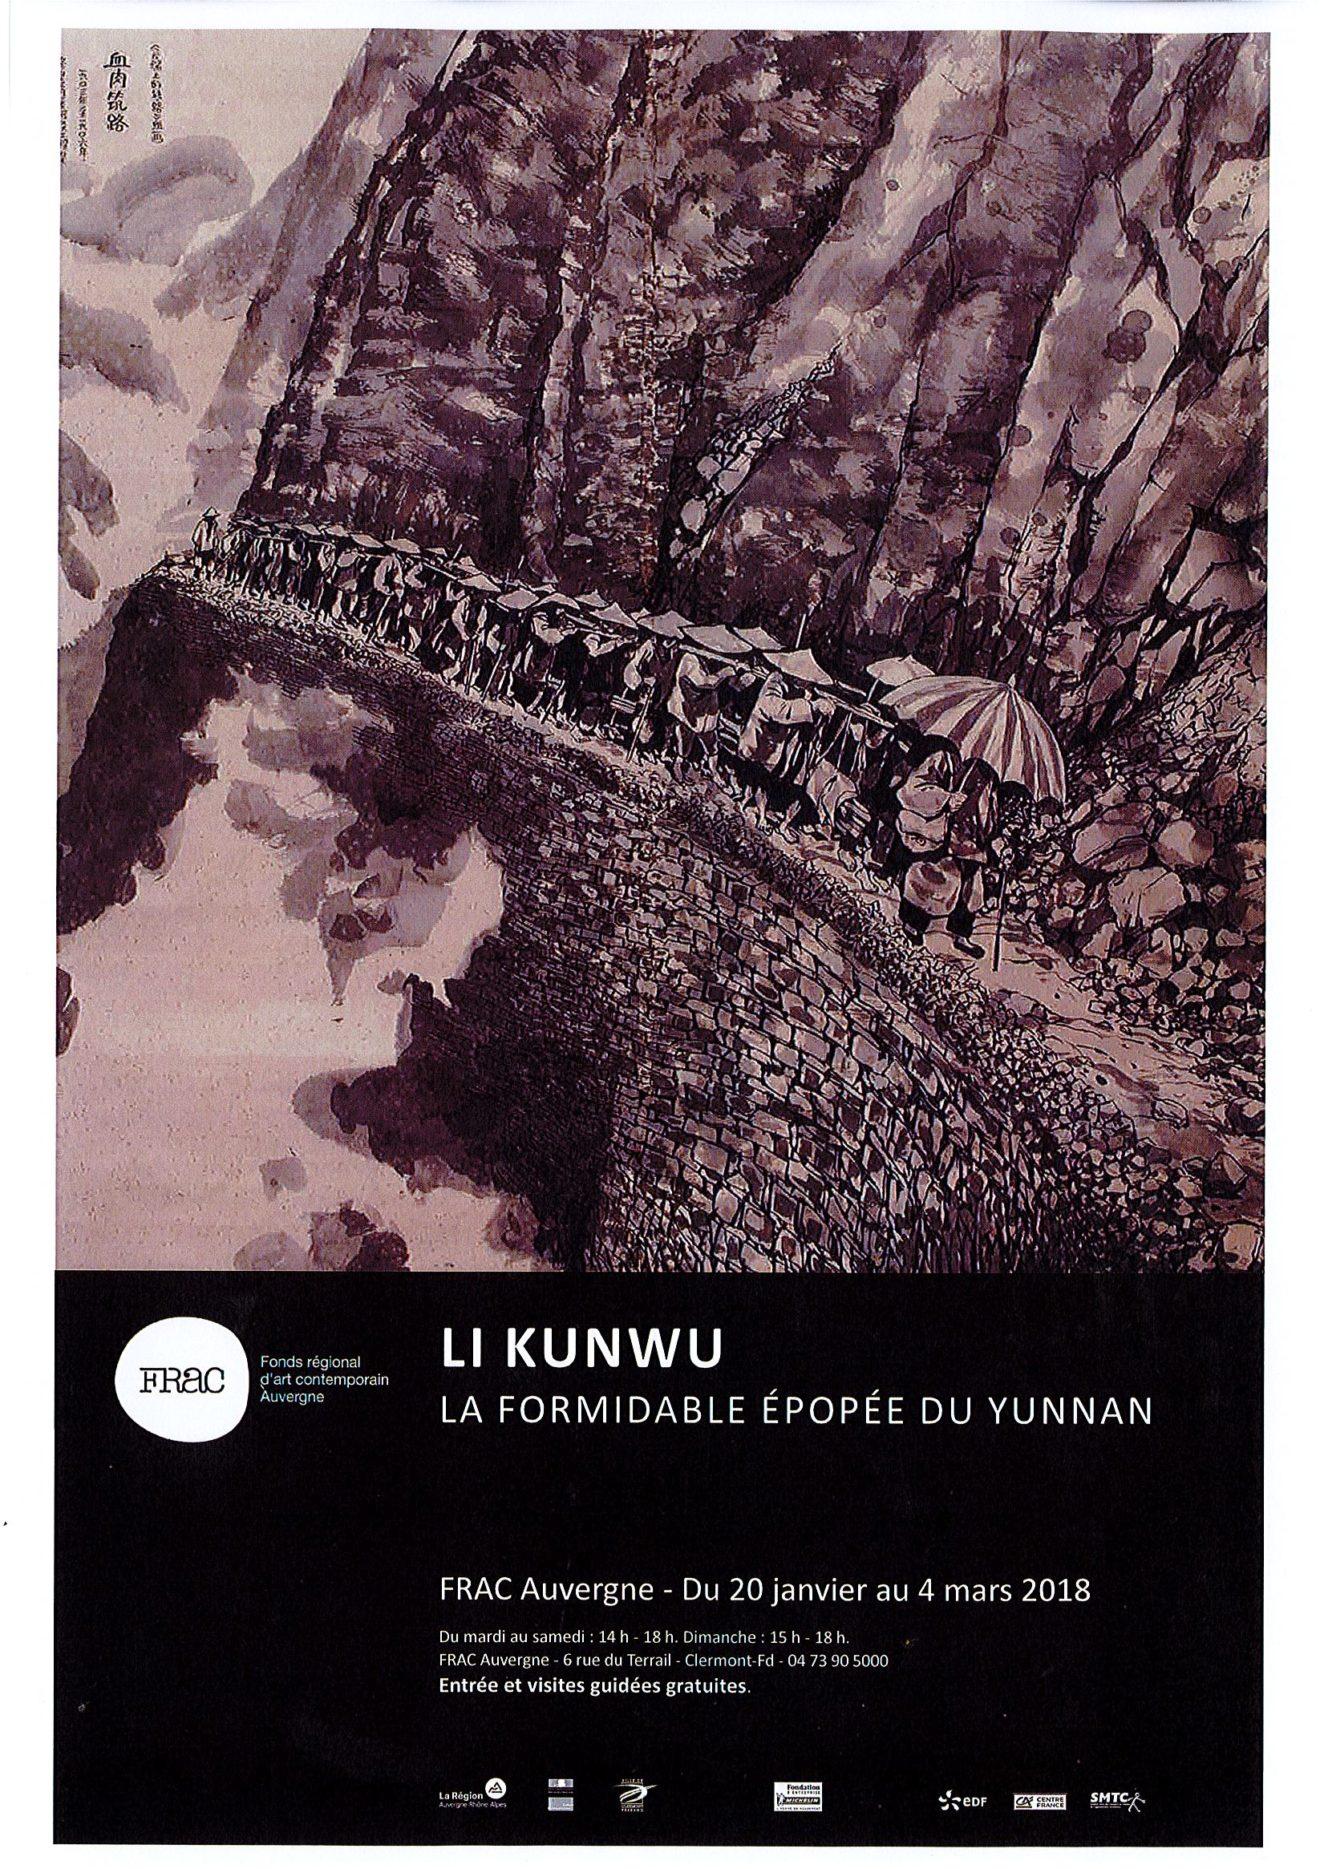 affiche Li Kunwu